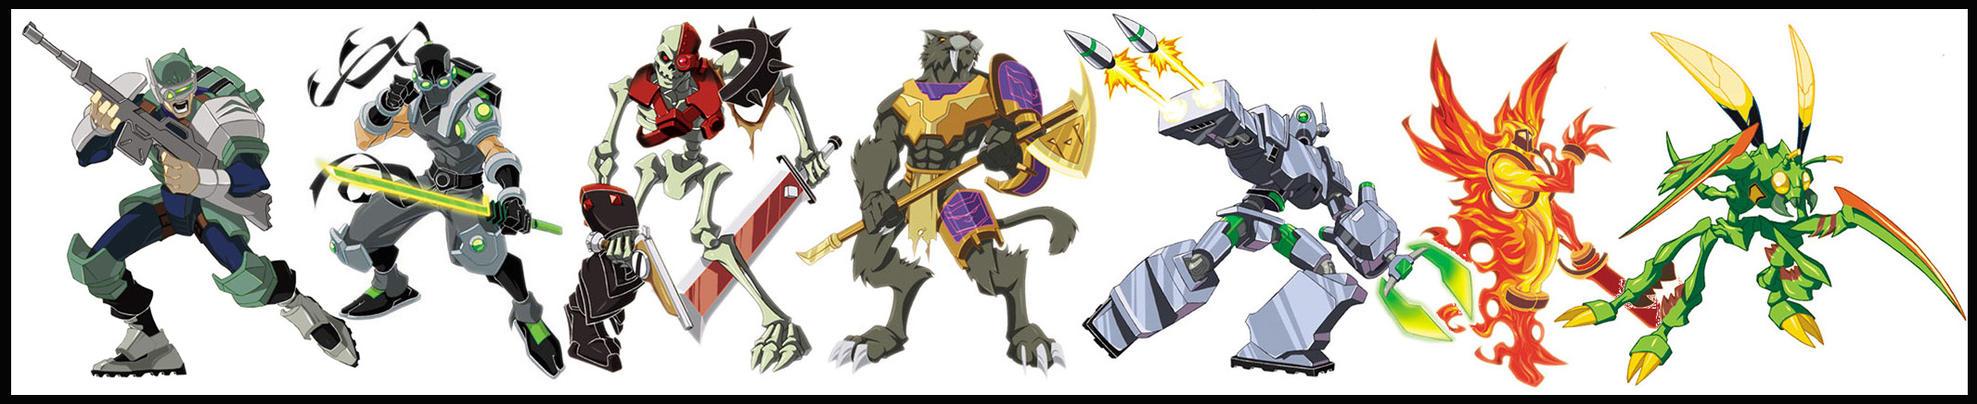 Hasbro Xevoz designs by diablo2003